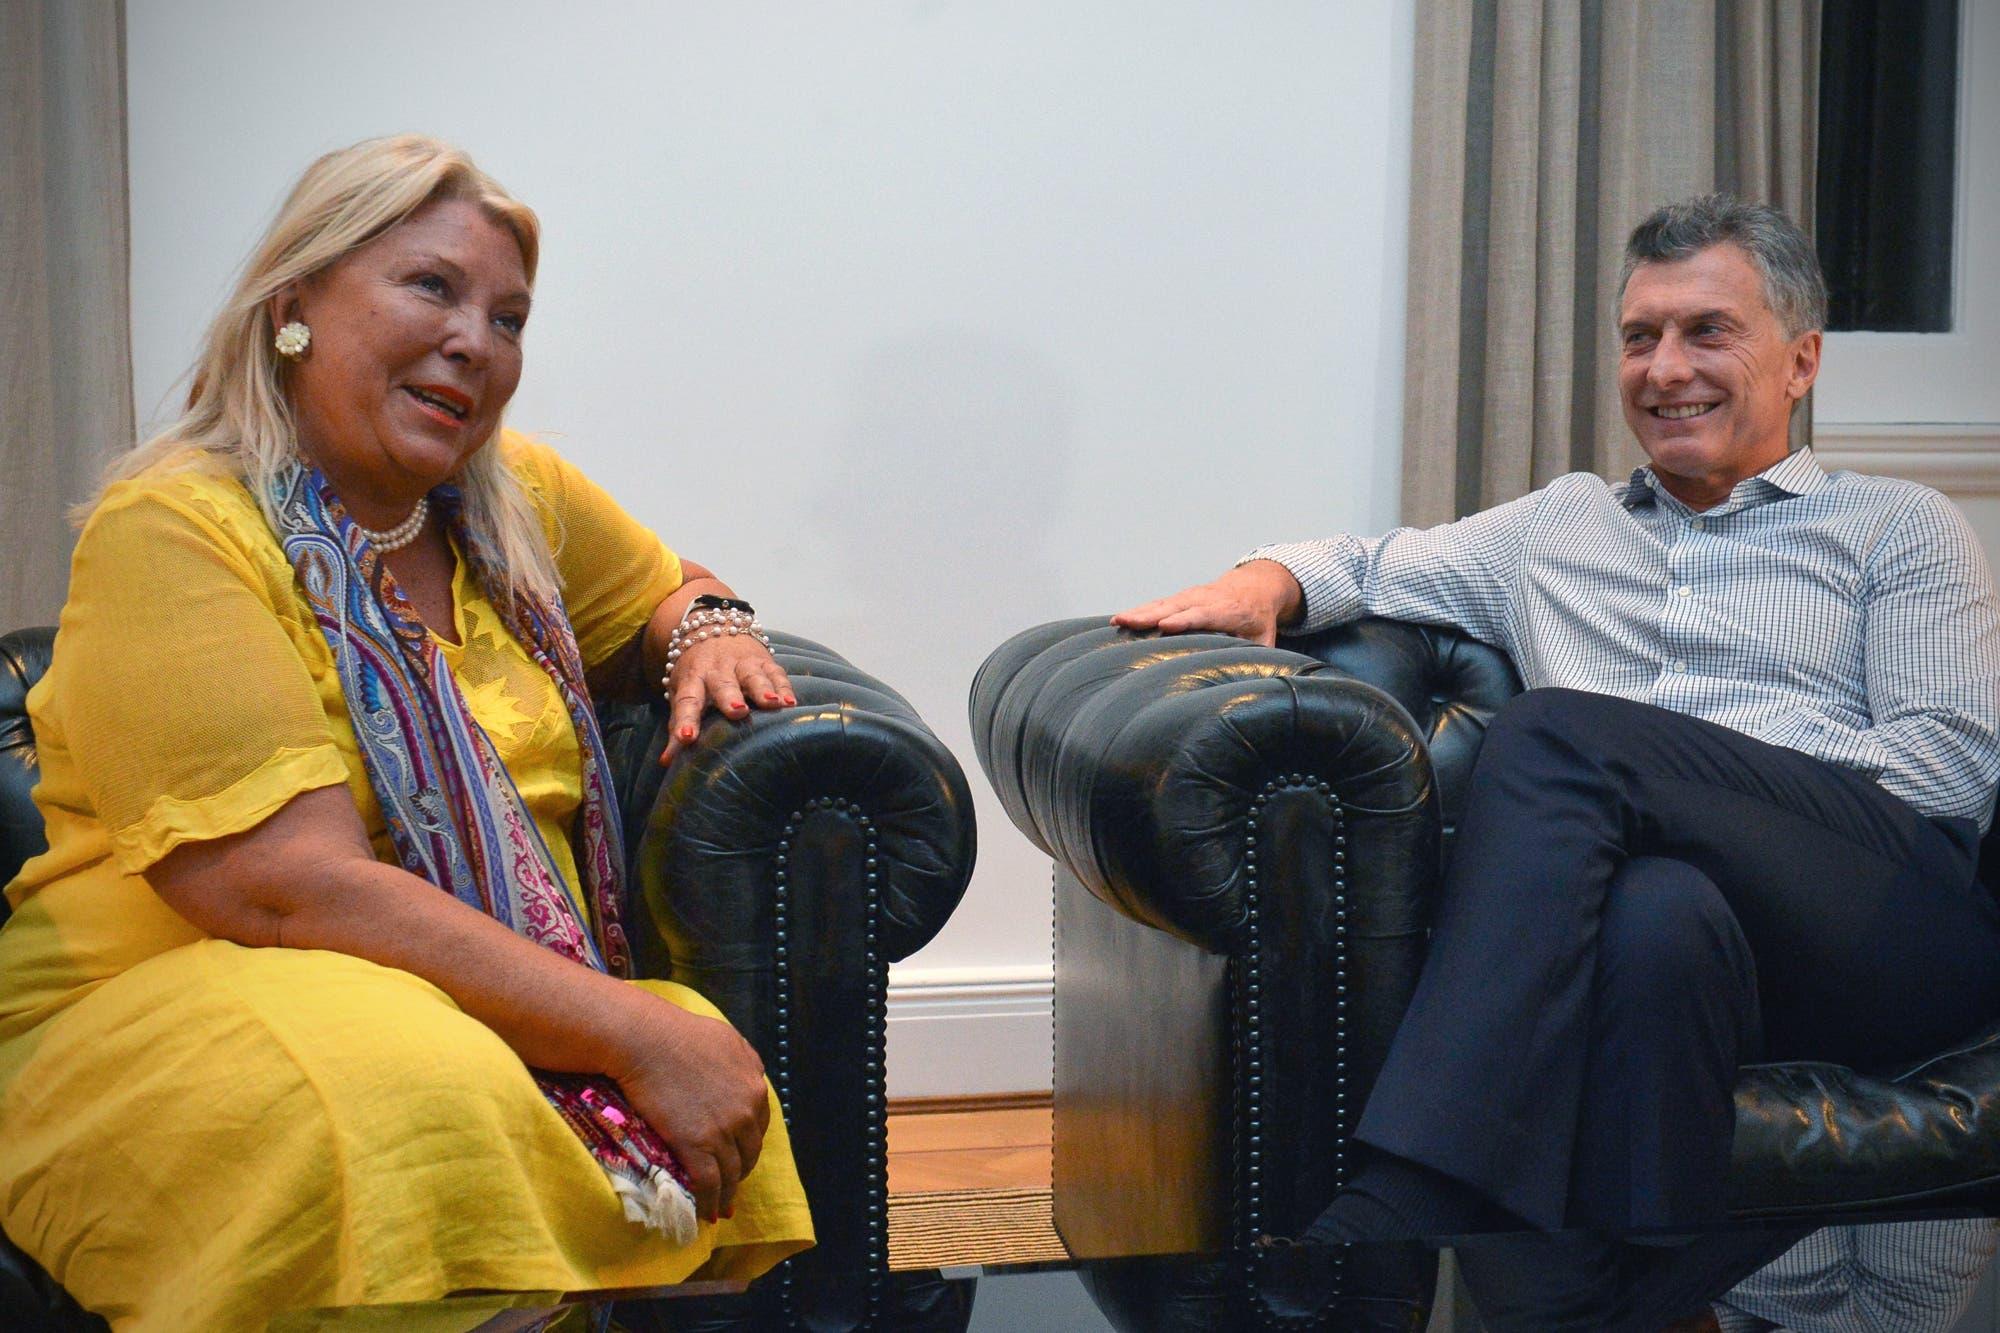 Macri felicitó a Carrió en su cumpleaños y llevó distensión a la relación entre ambos